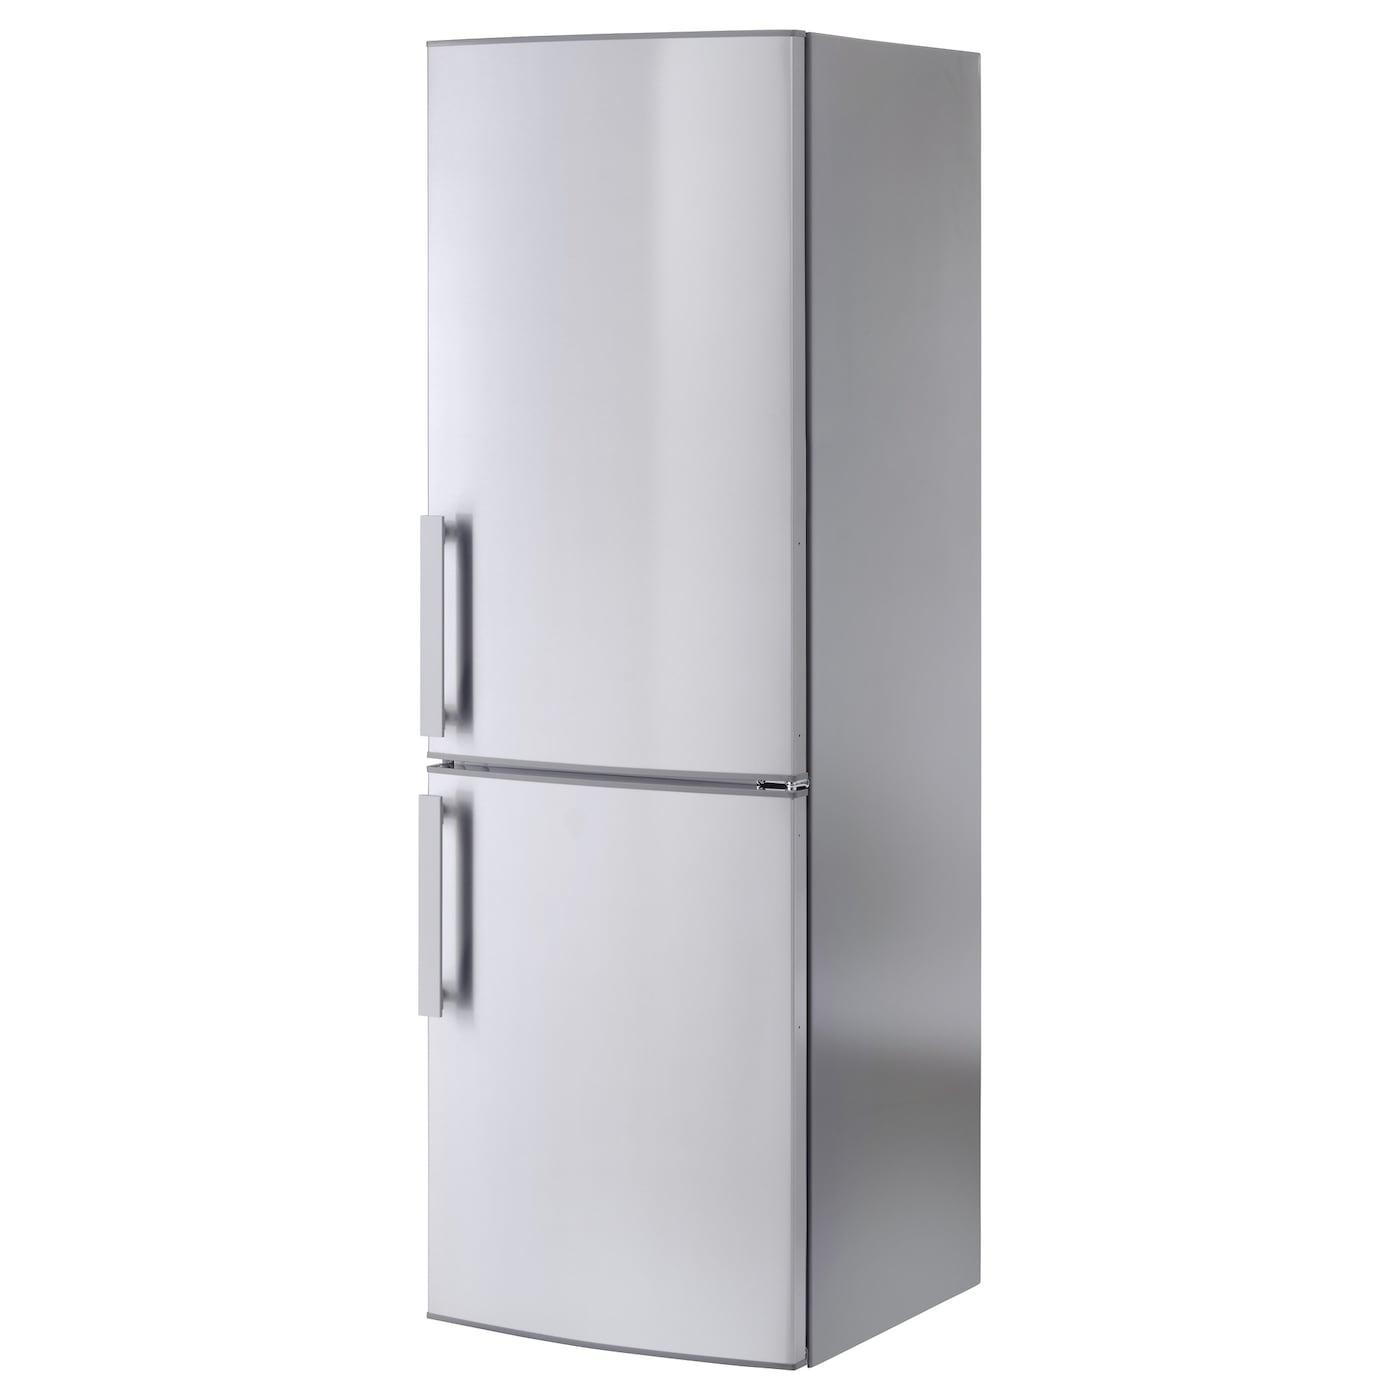 kylig fridge freezer a no frost stainless steel 220 91 l. Black Bedroom Furniture Sets. Home Design Ideas